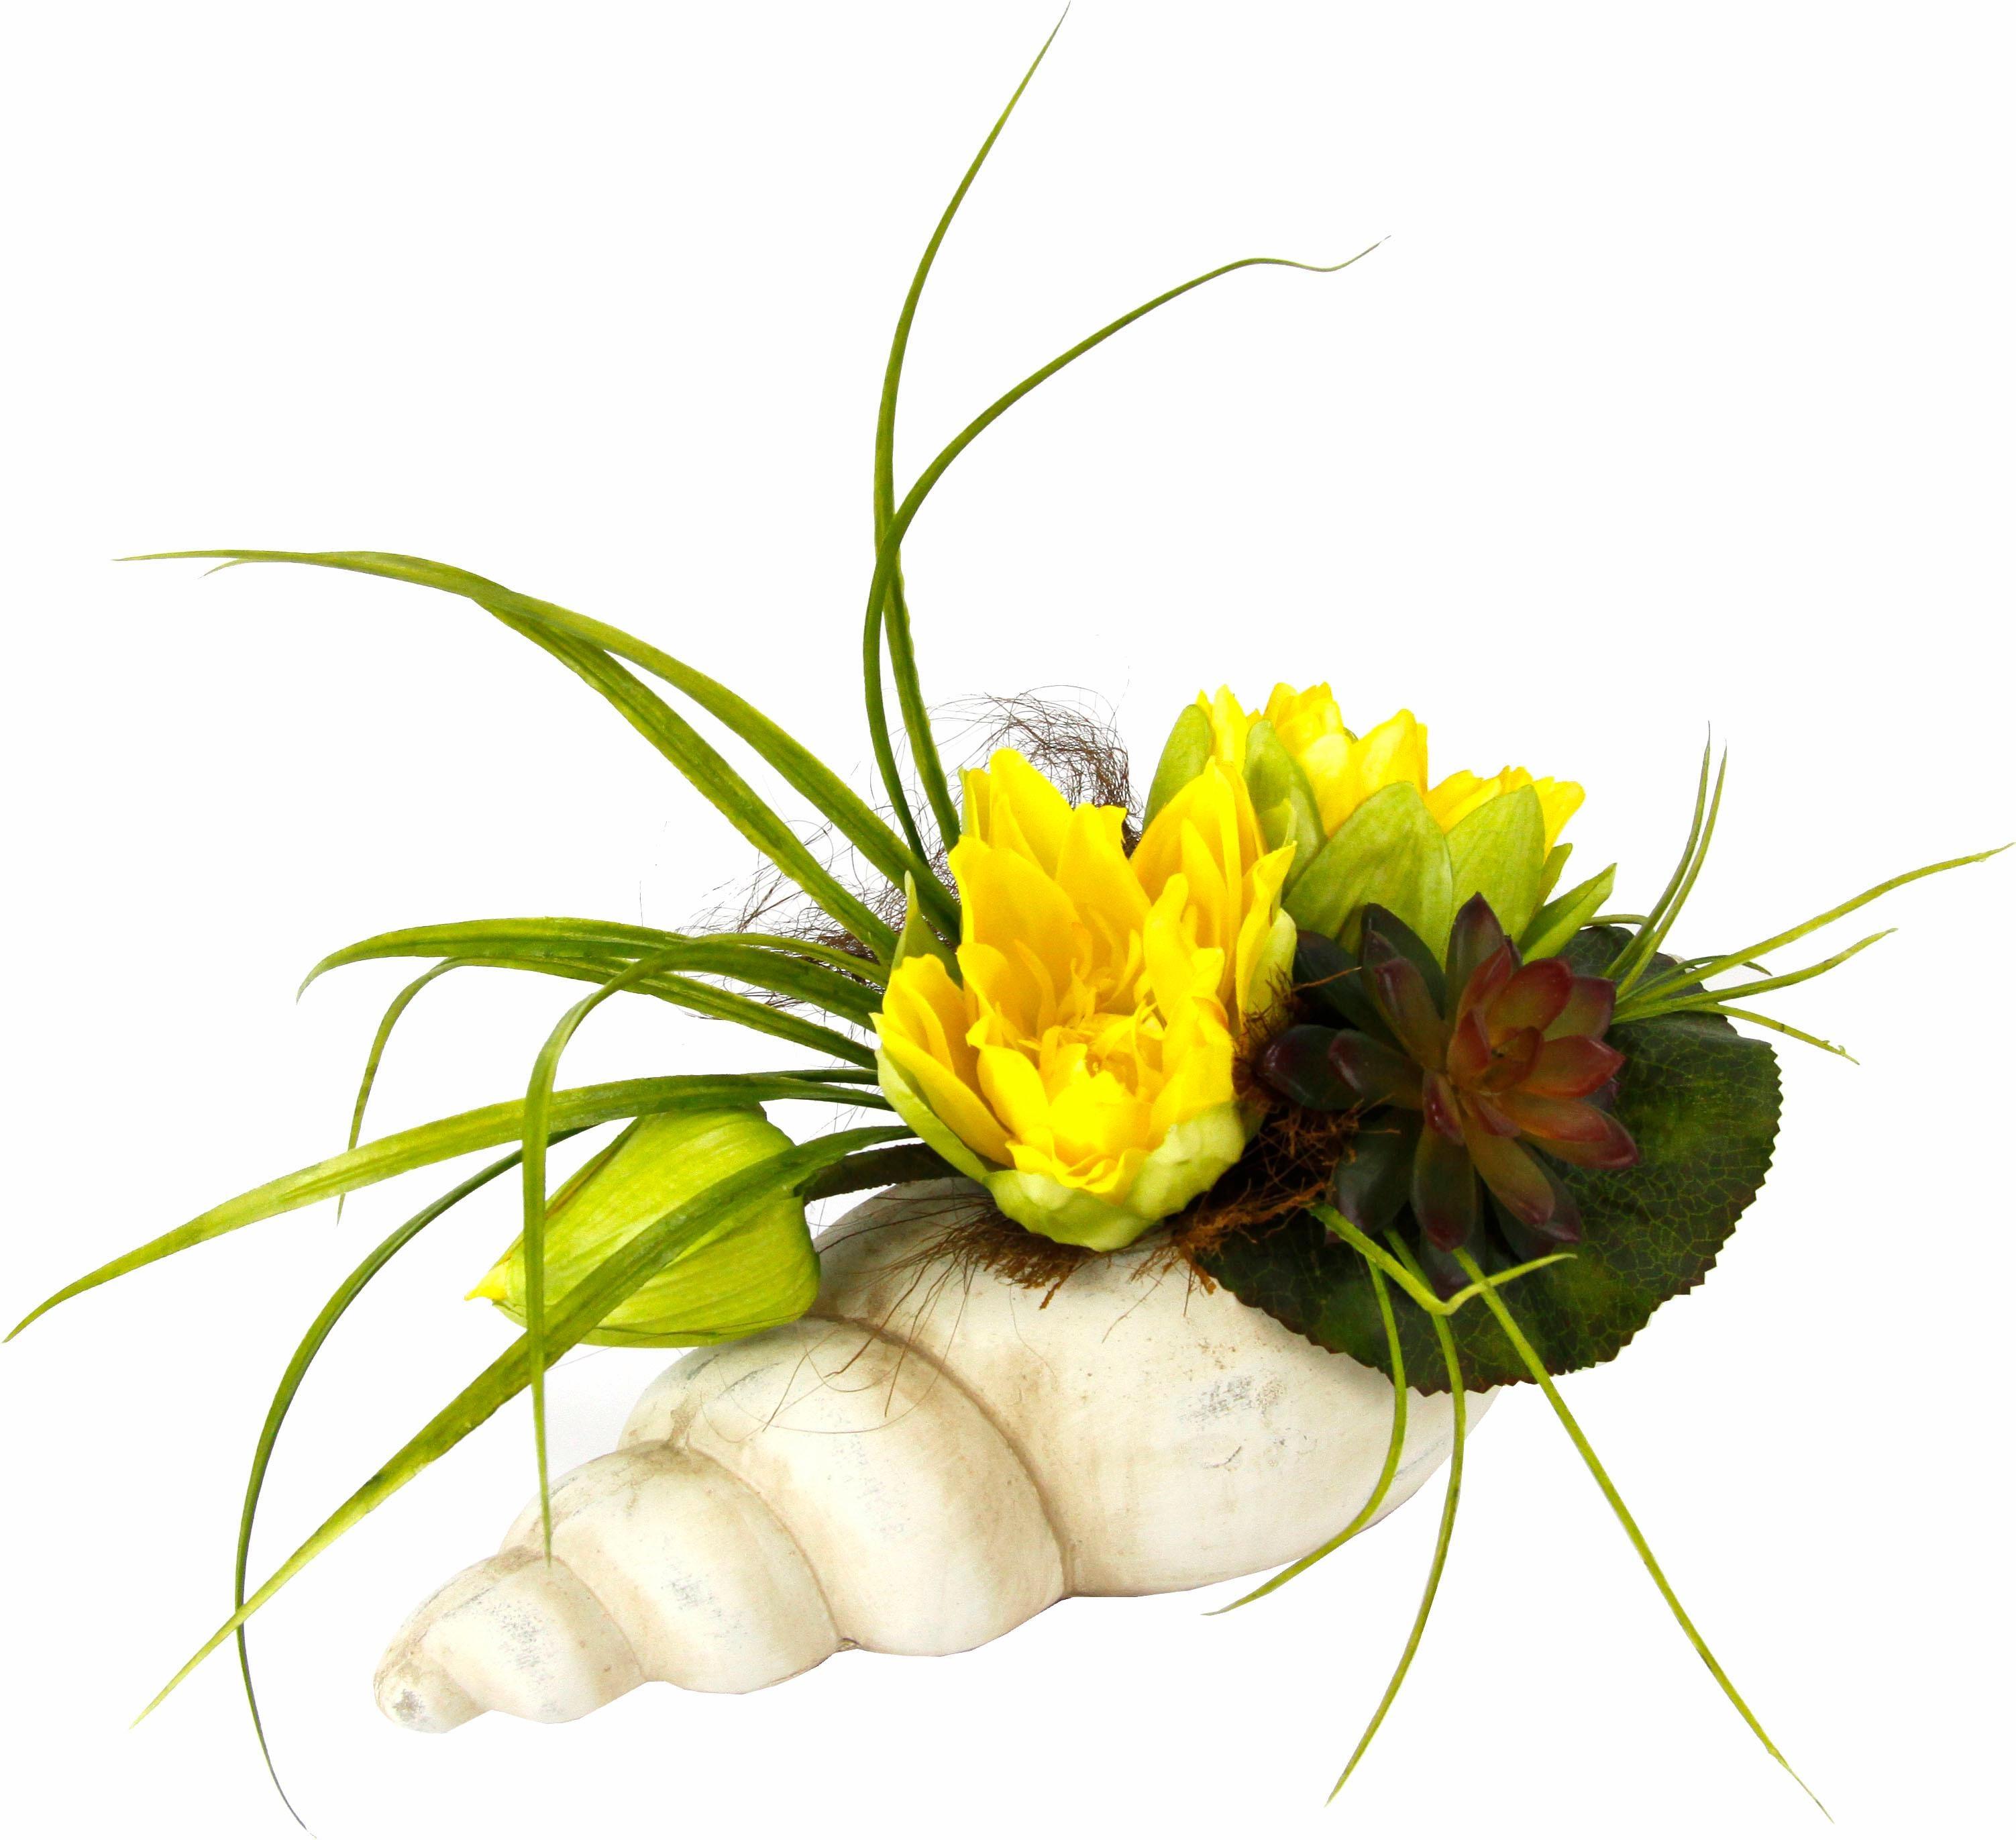 Kunstpflanze Gesteck Seerose in Muschel Wohnen/Accessoires & Leuchten/Wohnaccessoires/Kunstpflanzen/Künstliche Zimmerpflanzen